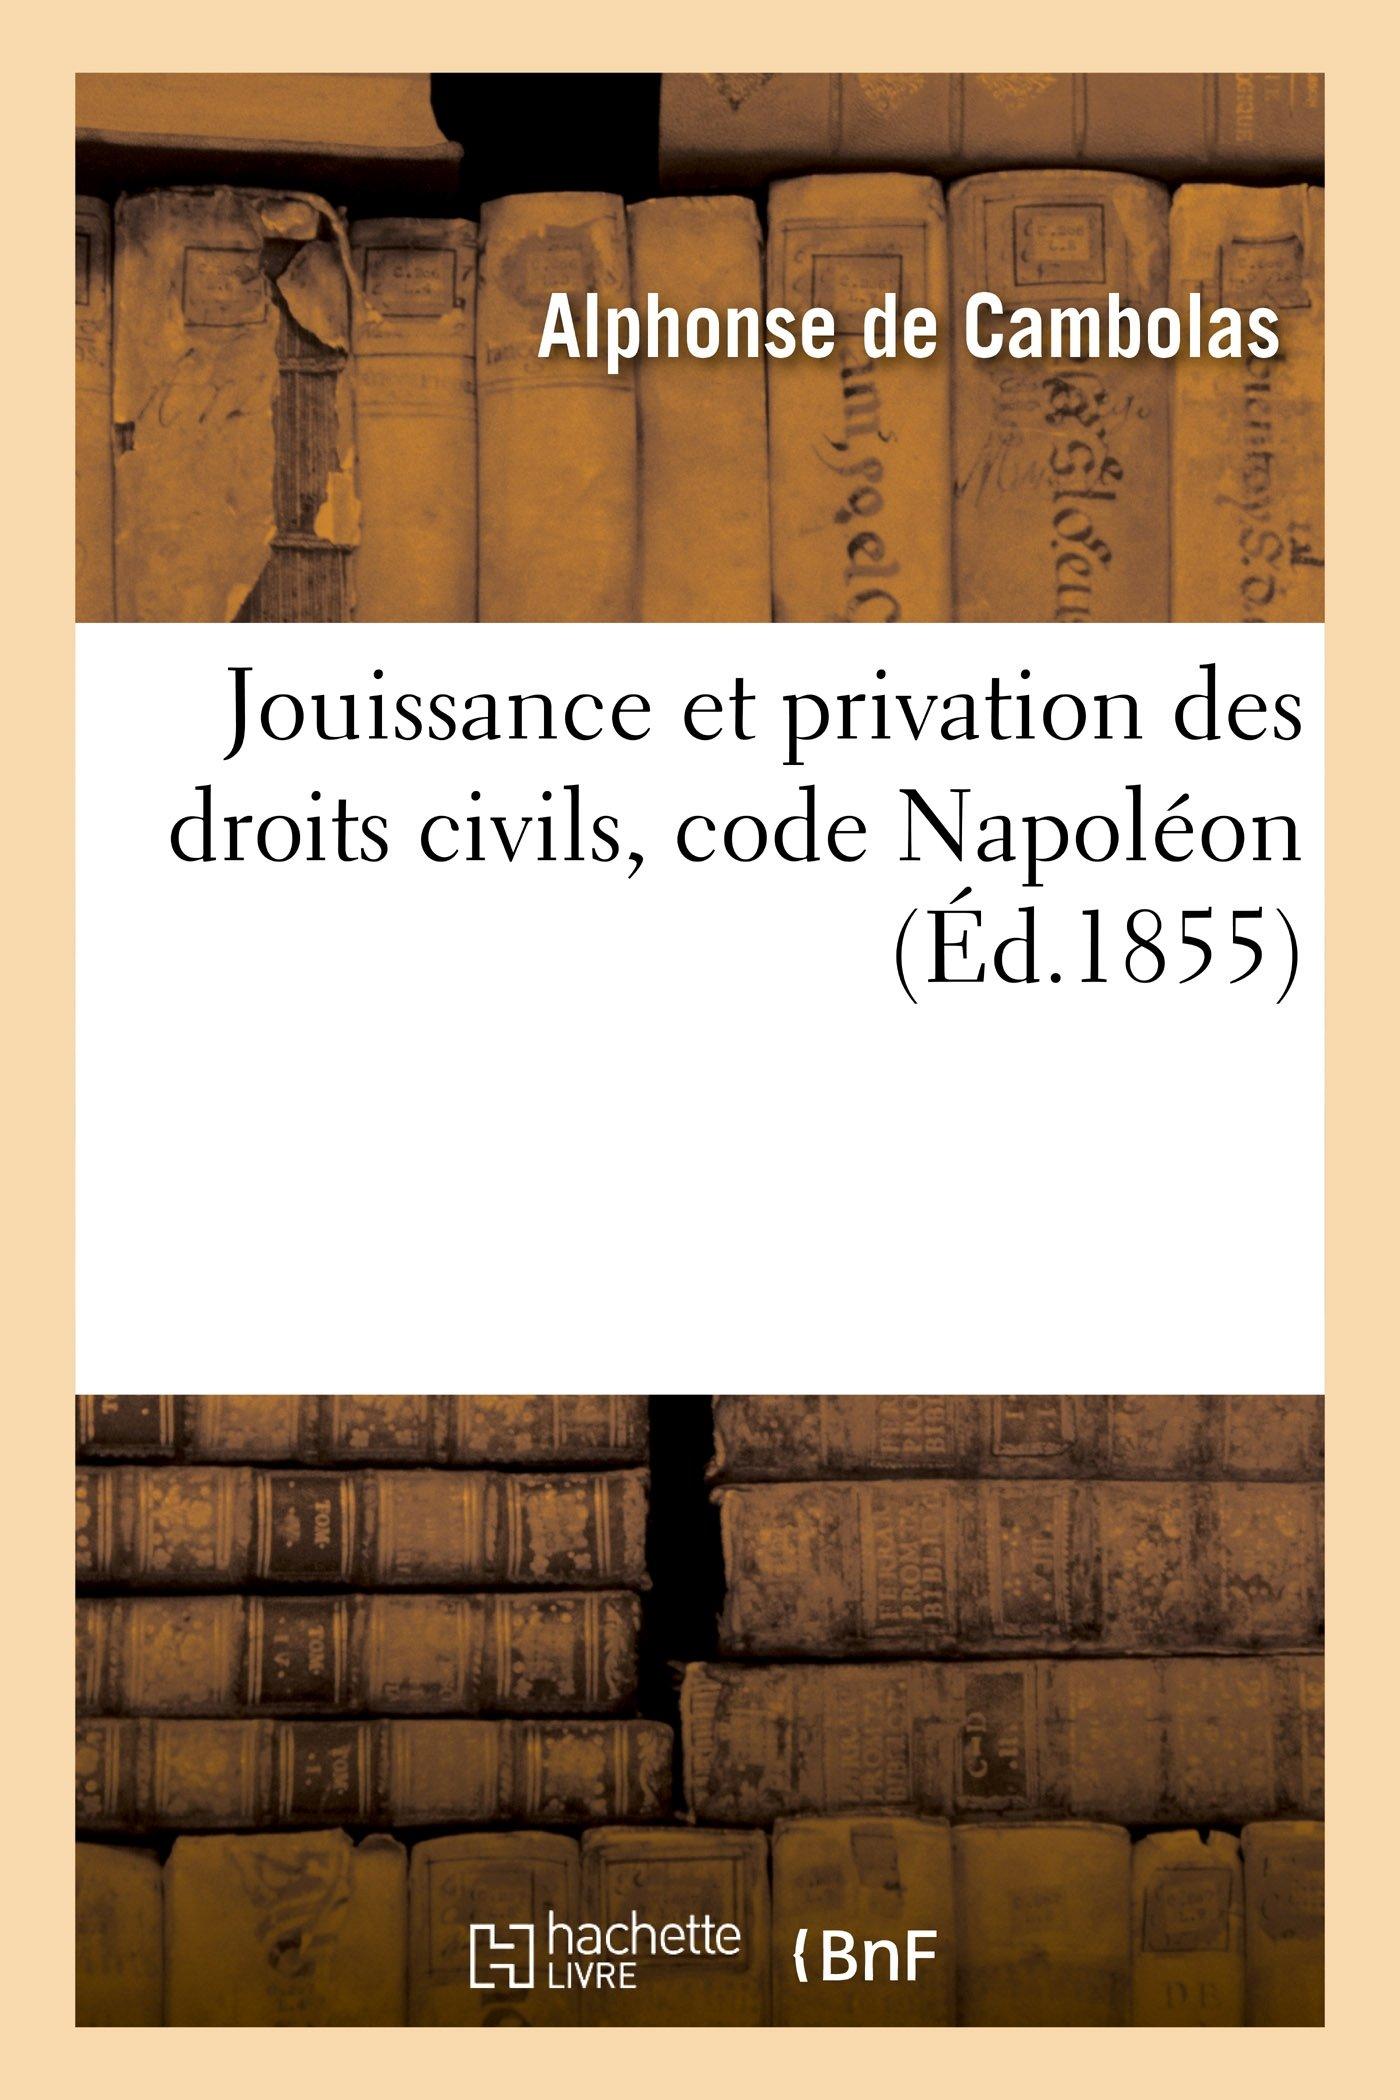 Jouissance et privation des droits civils, code Napoléon: acte public pour la licence Broché – 1 octobre 2014 Alphonse Cambolas Hachette Livre BNF 2013473079 Droit général